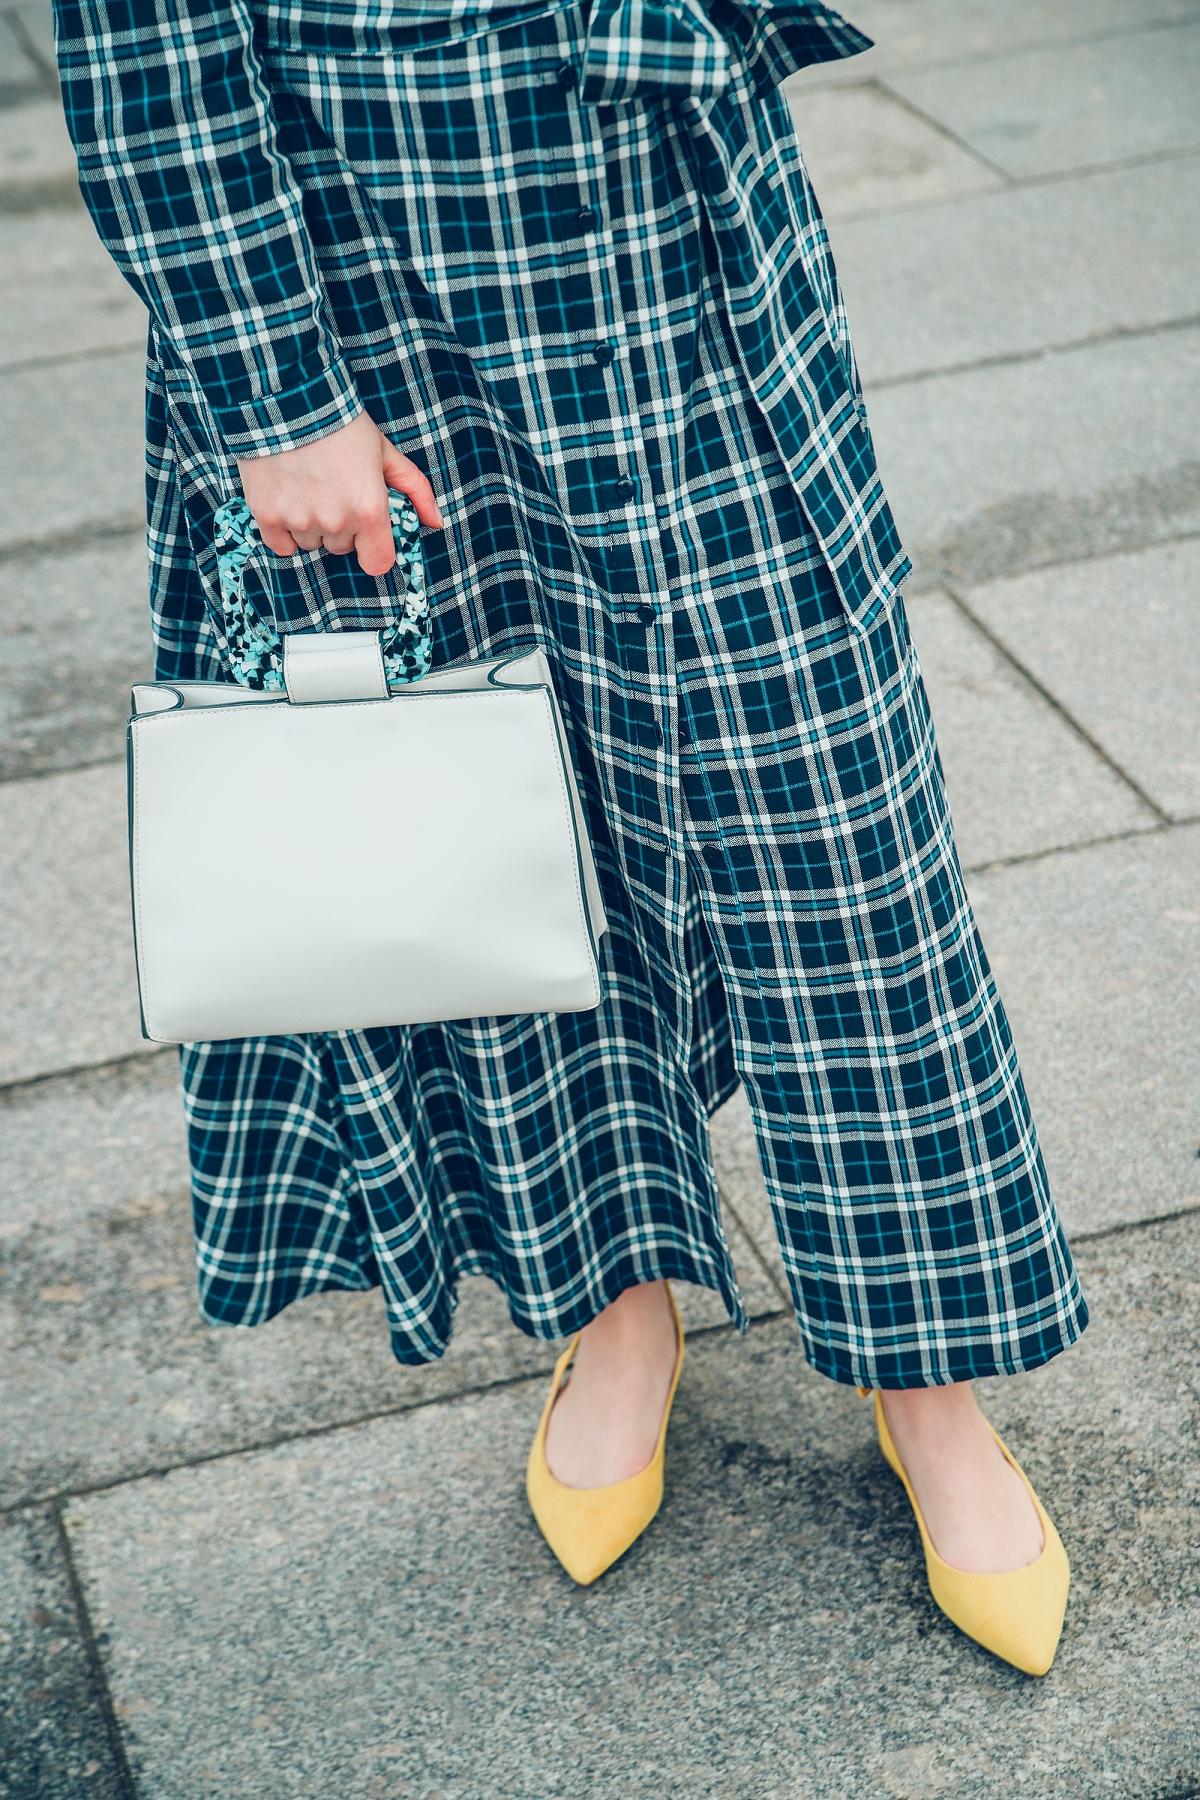 sukienka w krate torebka z plastikowa raczka zolte buty